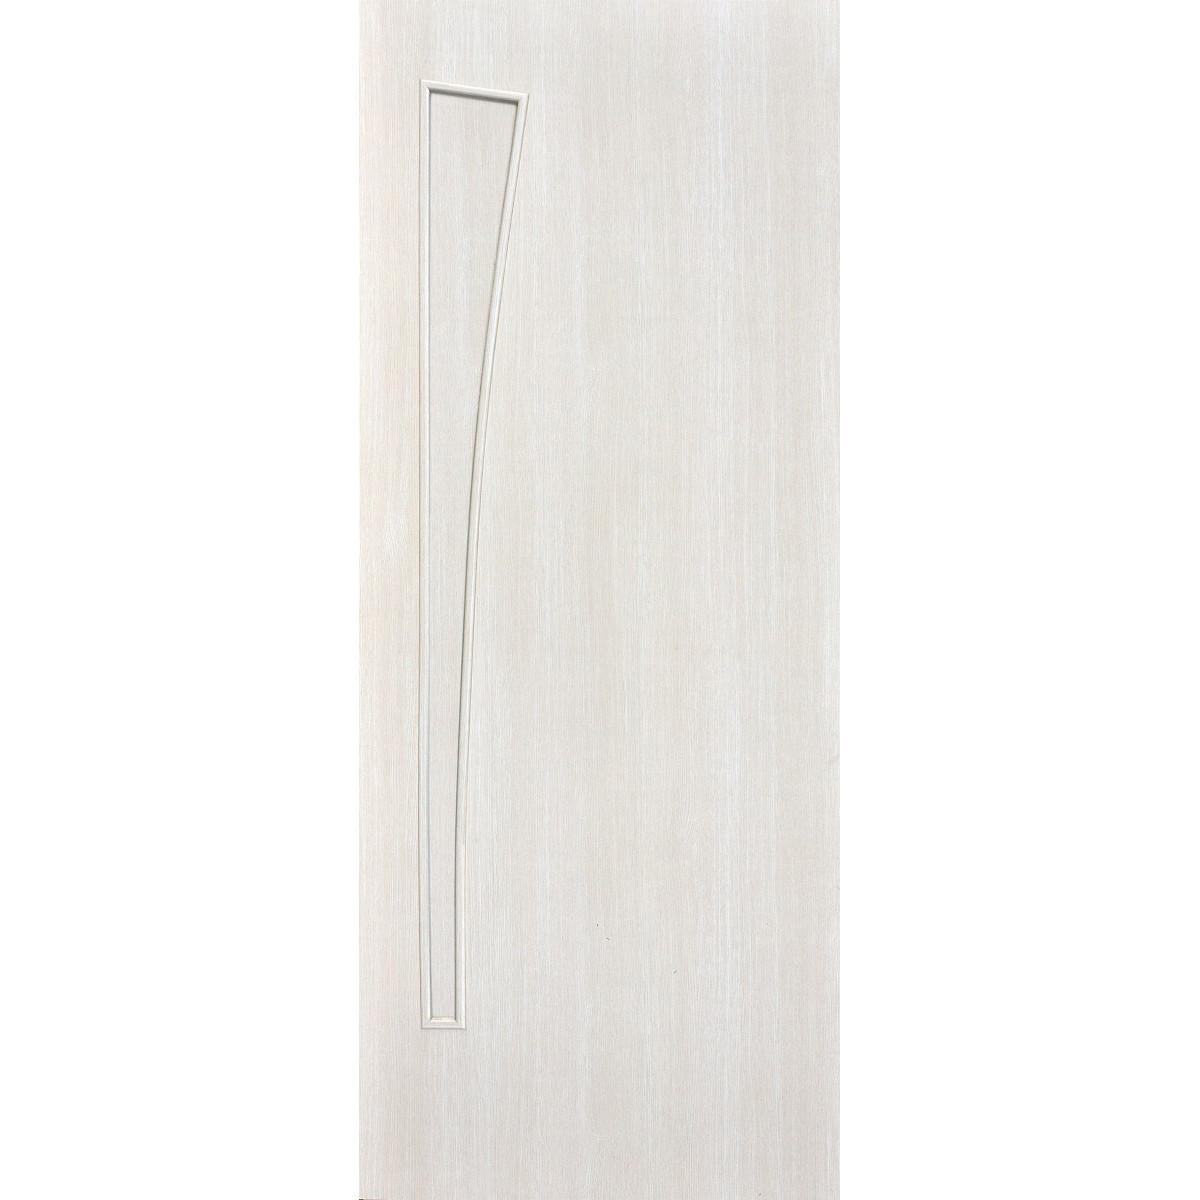 Дверь Межкомнатная Глухая Ламинированная Белеза 90x200 Цвет Белый Дуб